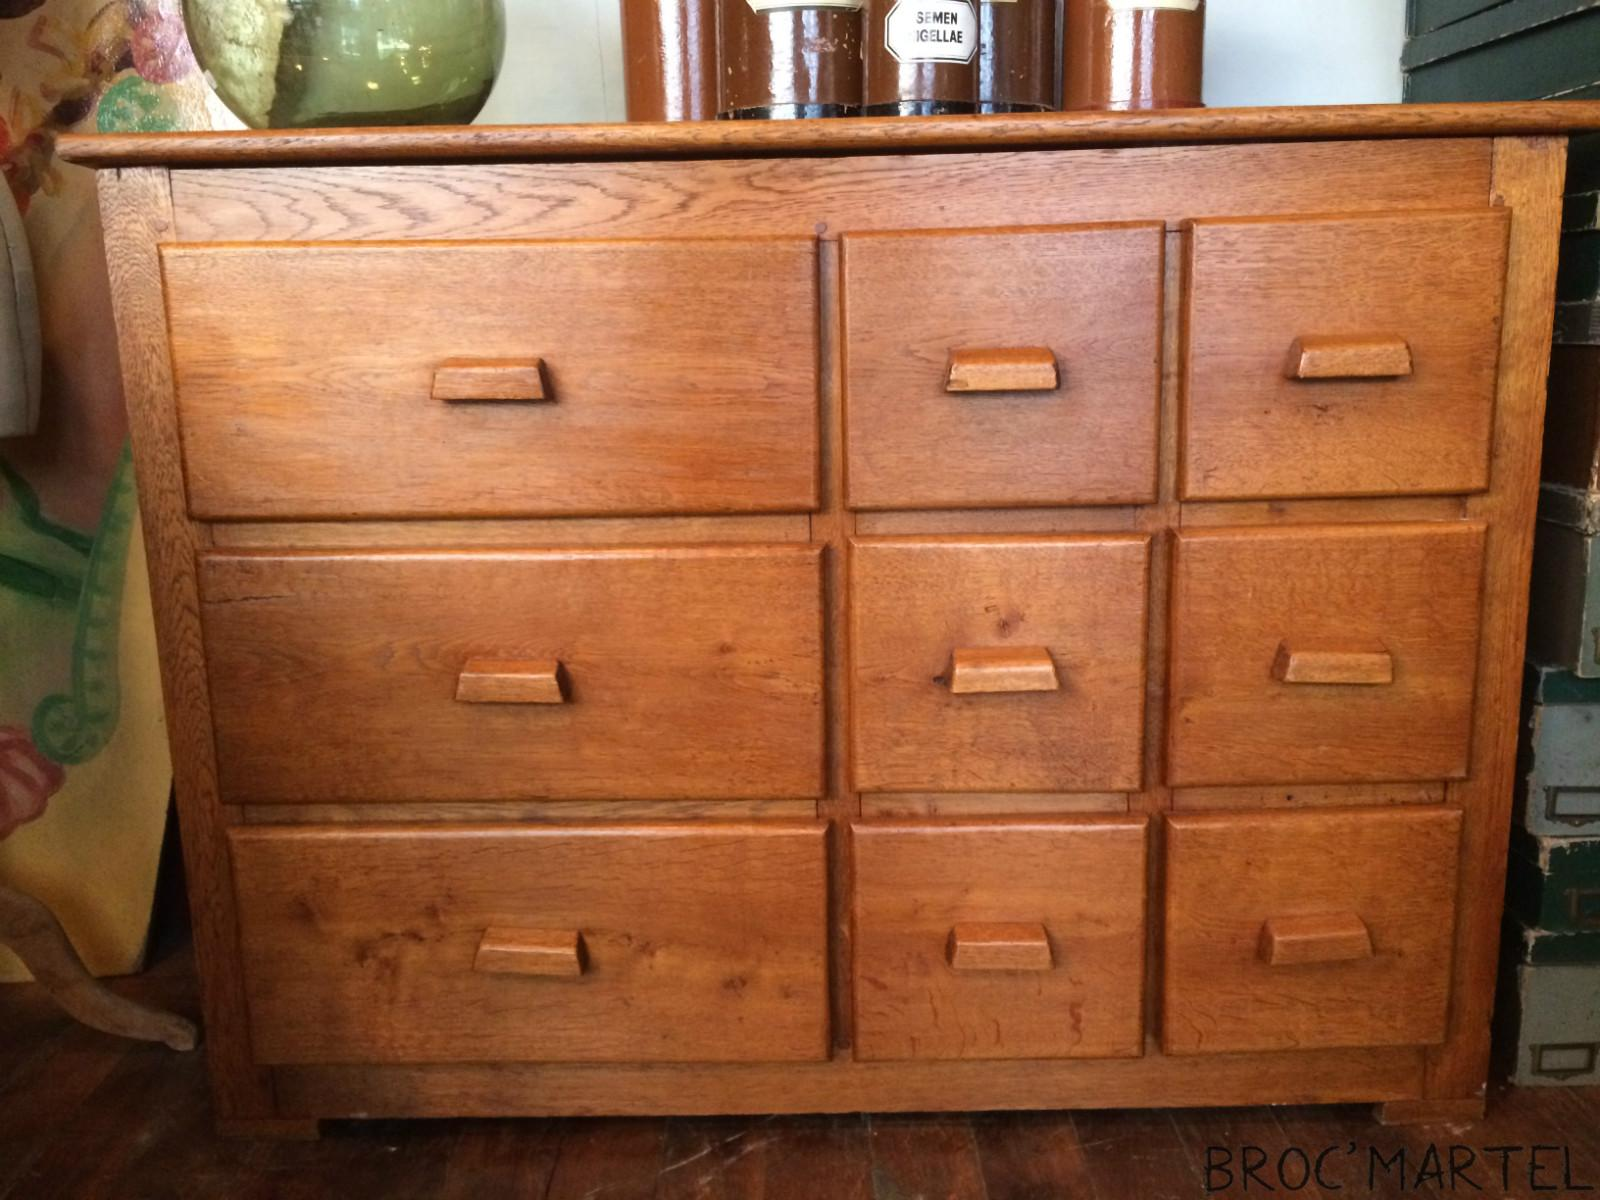 Meuble de magasin 9 tiroirs boutique broc martel - Boutique de meuble ...